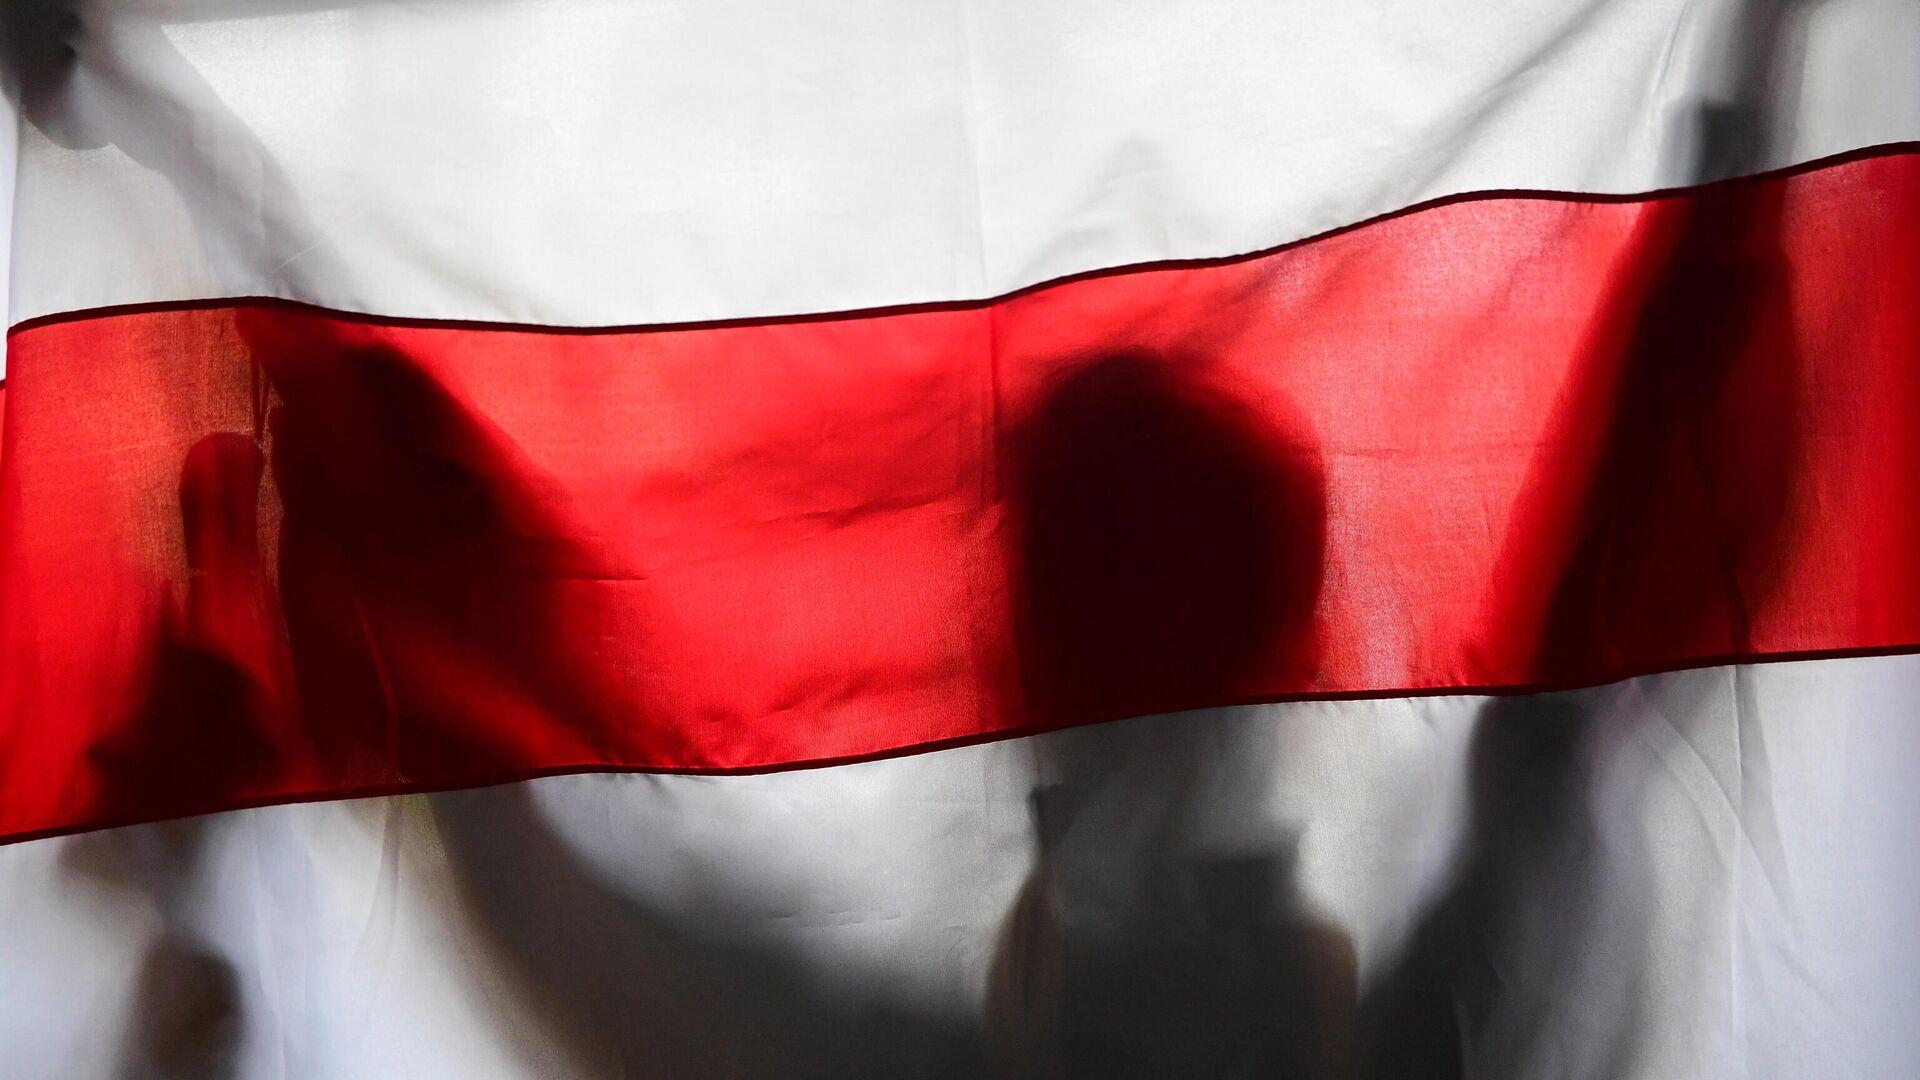 Оппозиционный флаг Белоруссии в Минске - РИА Новости, 1920, 08.09.2020